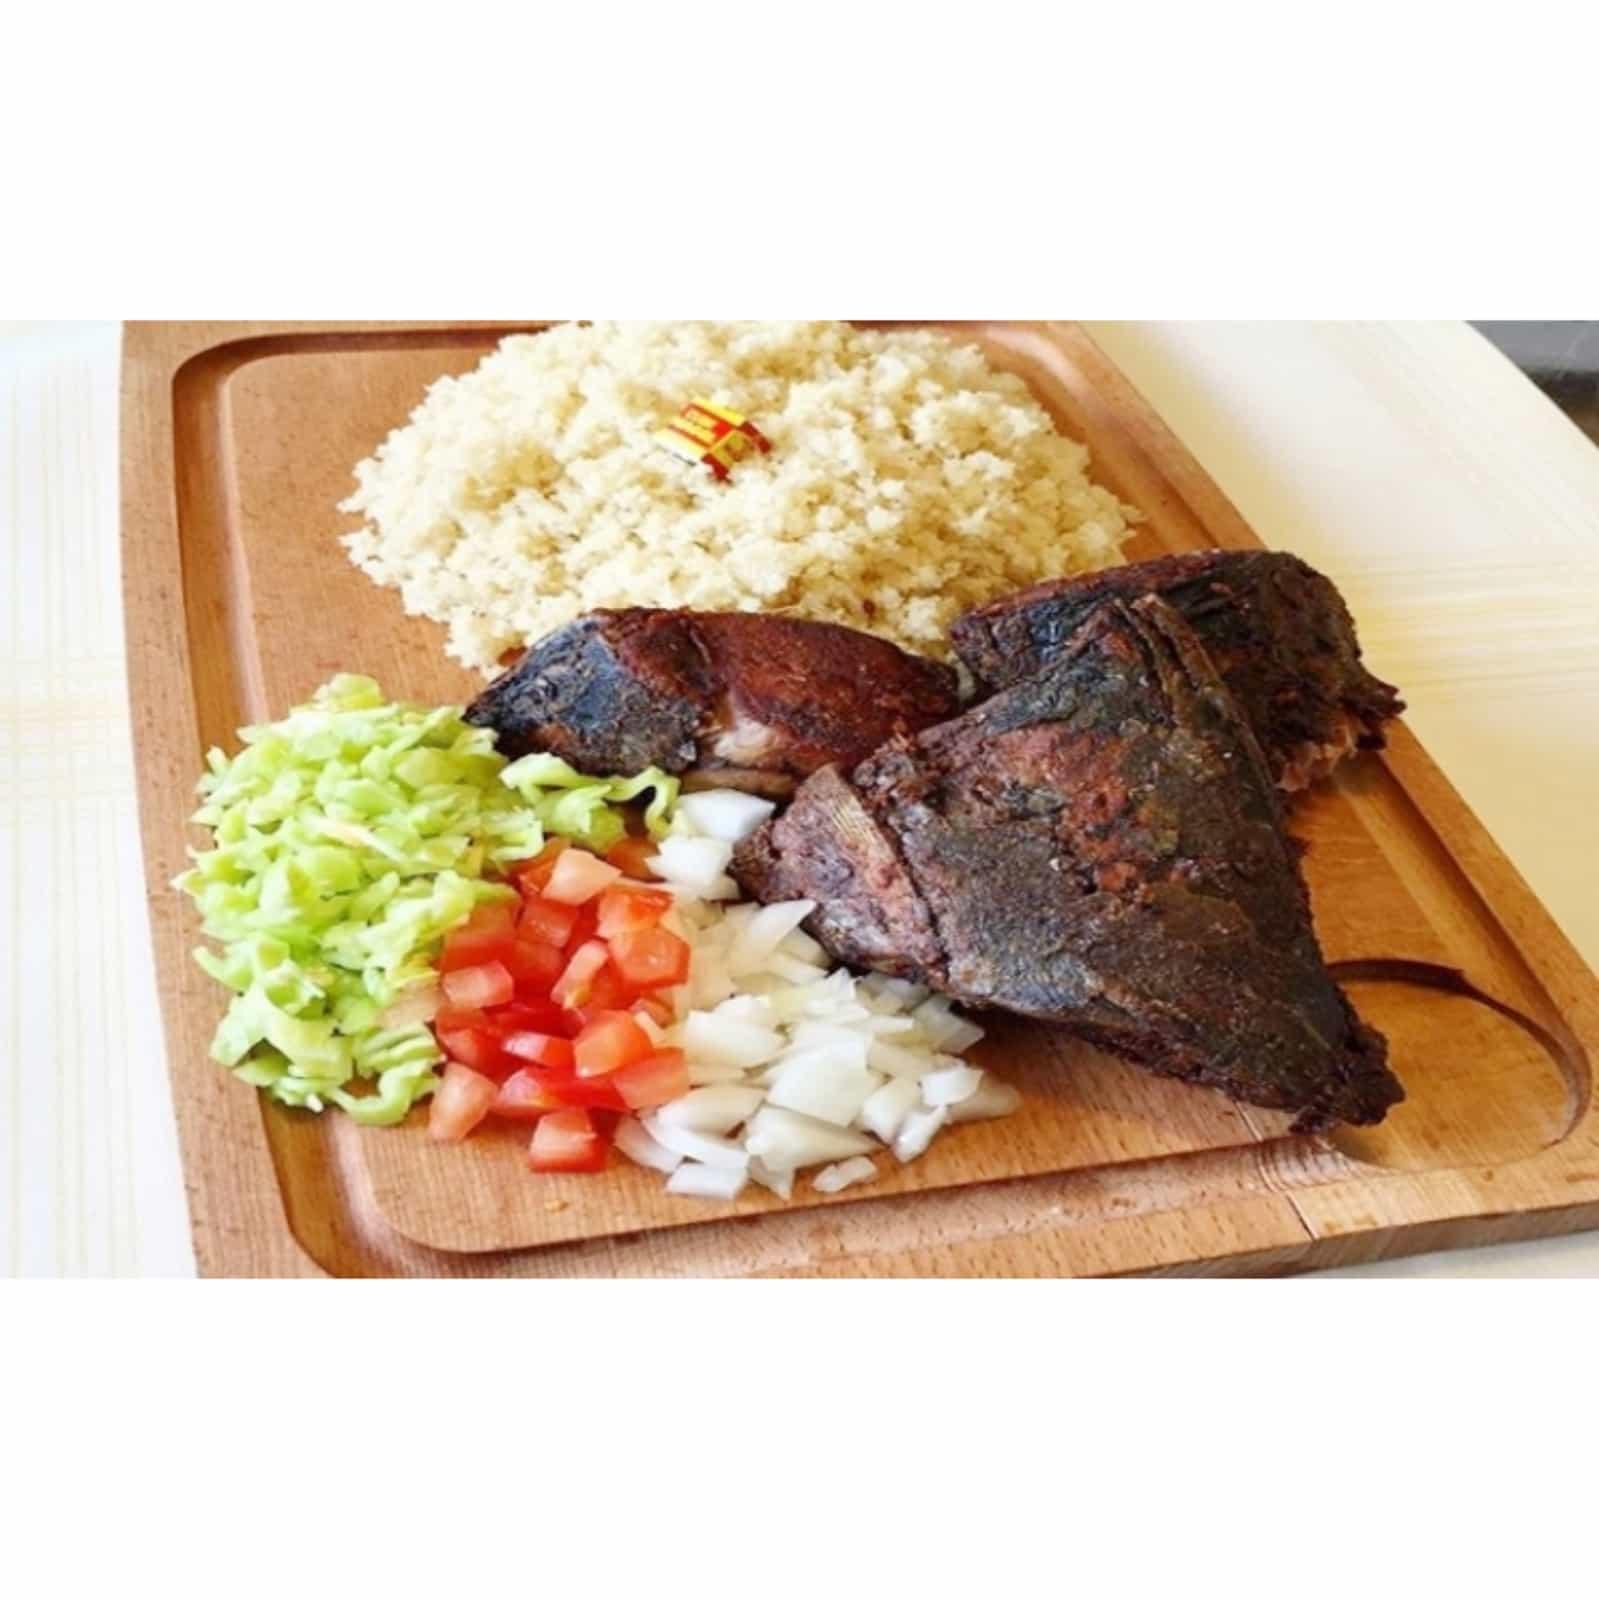 Cuisine/Le GARBA, un plat des mets les plus consommés par les ivoiriens, à la portée de toutes les bourses